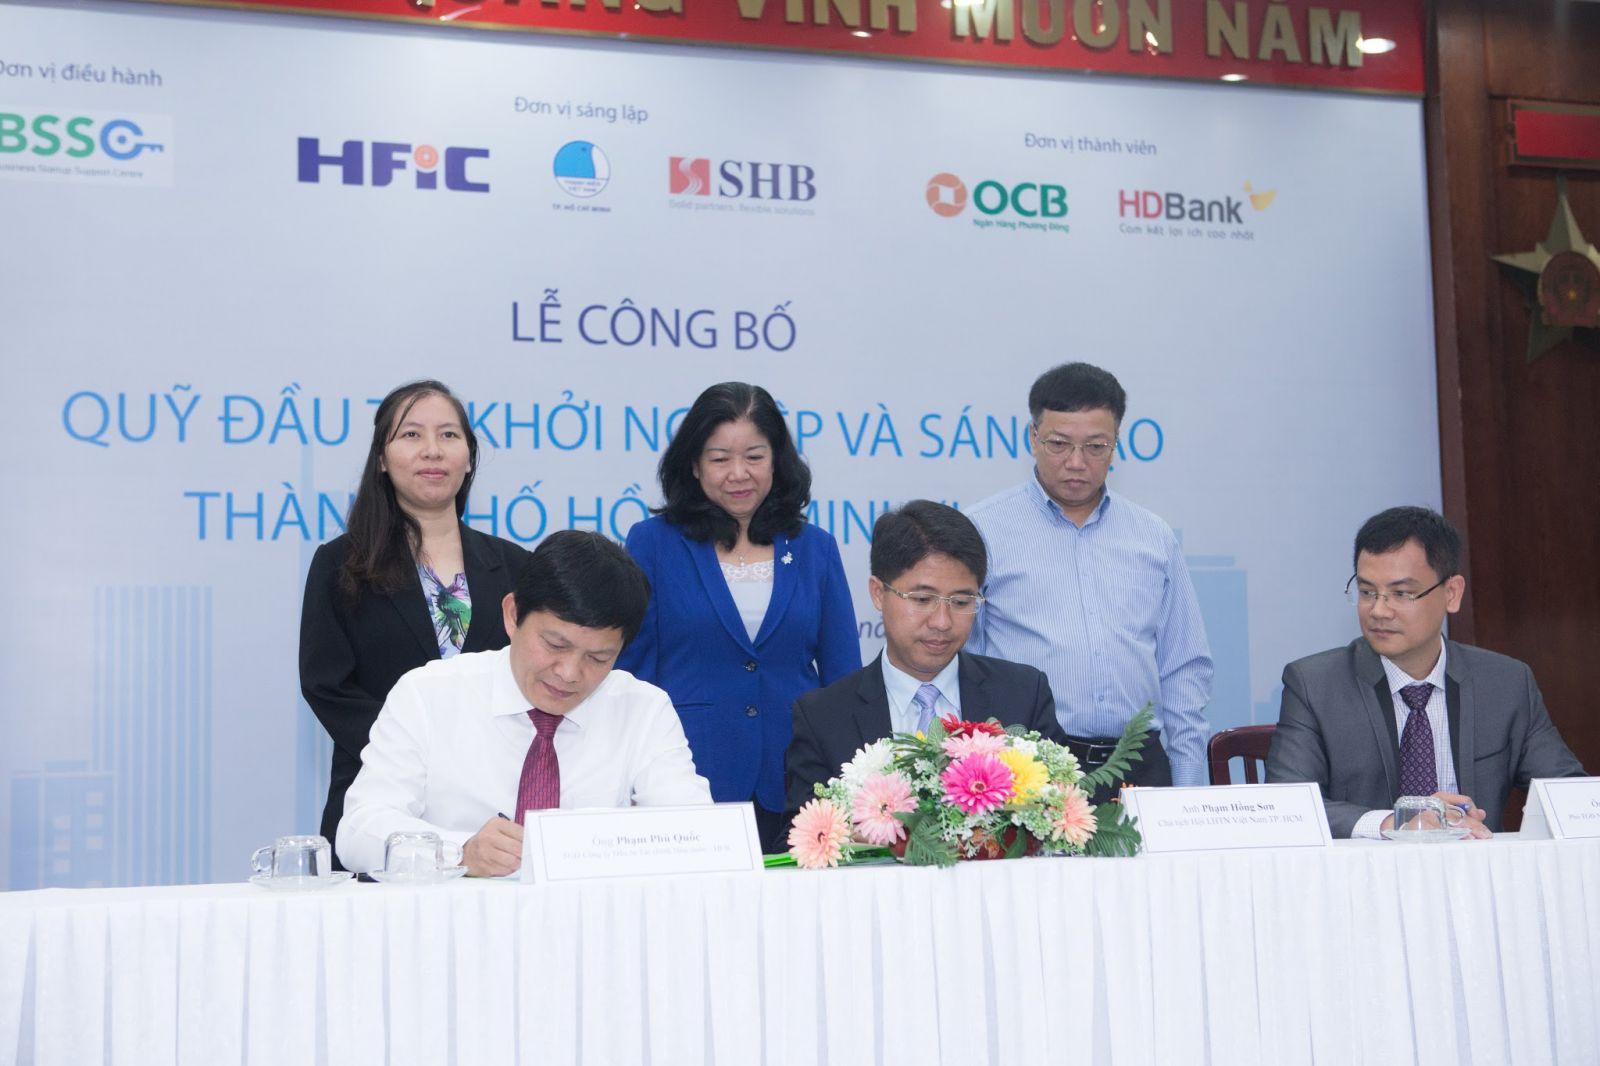 Quỹ HSIF nhận được nhiều sự ủng hộ về tài chính lẫn các hỗ trợ khác về tư vấn và bảo trợ cho các doanh nghiệp khởi nghiệp